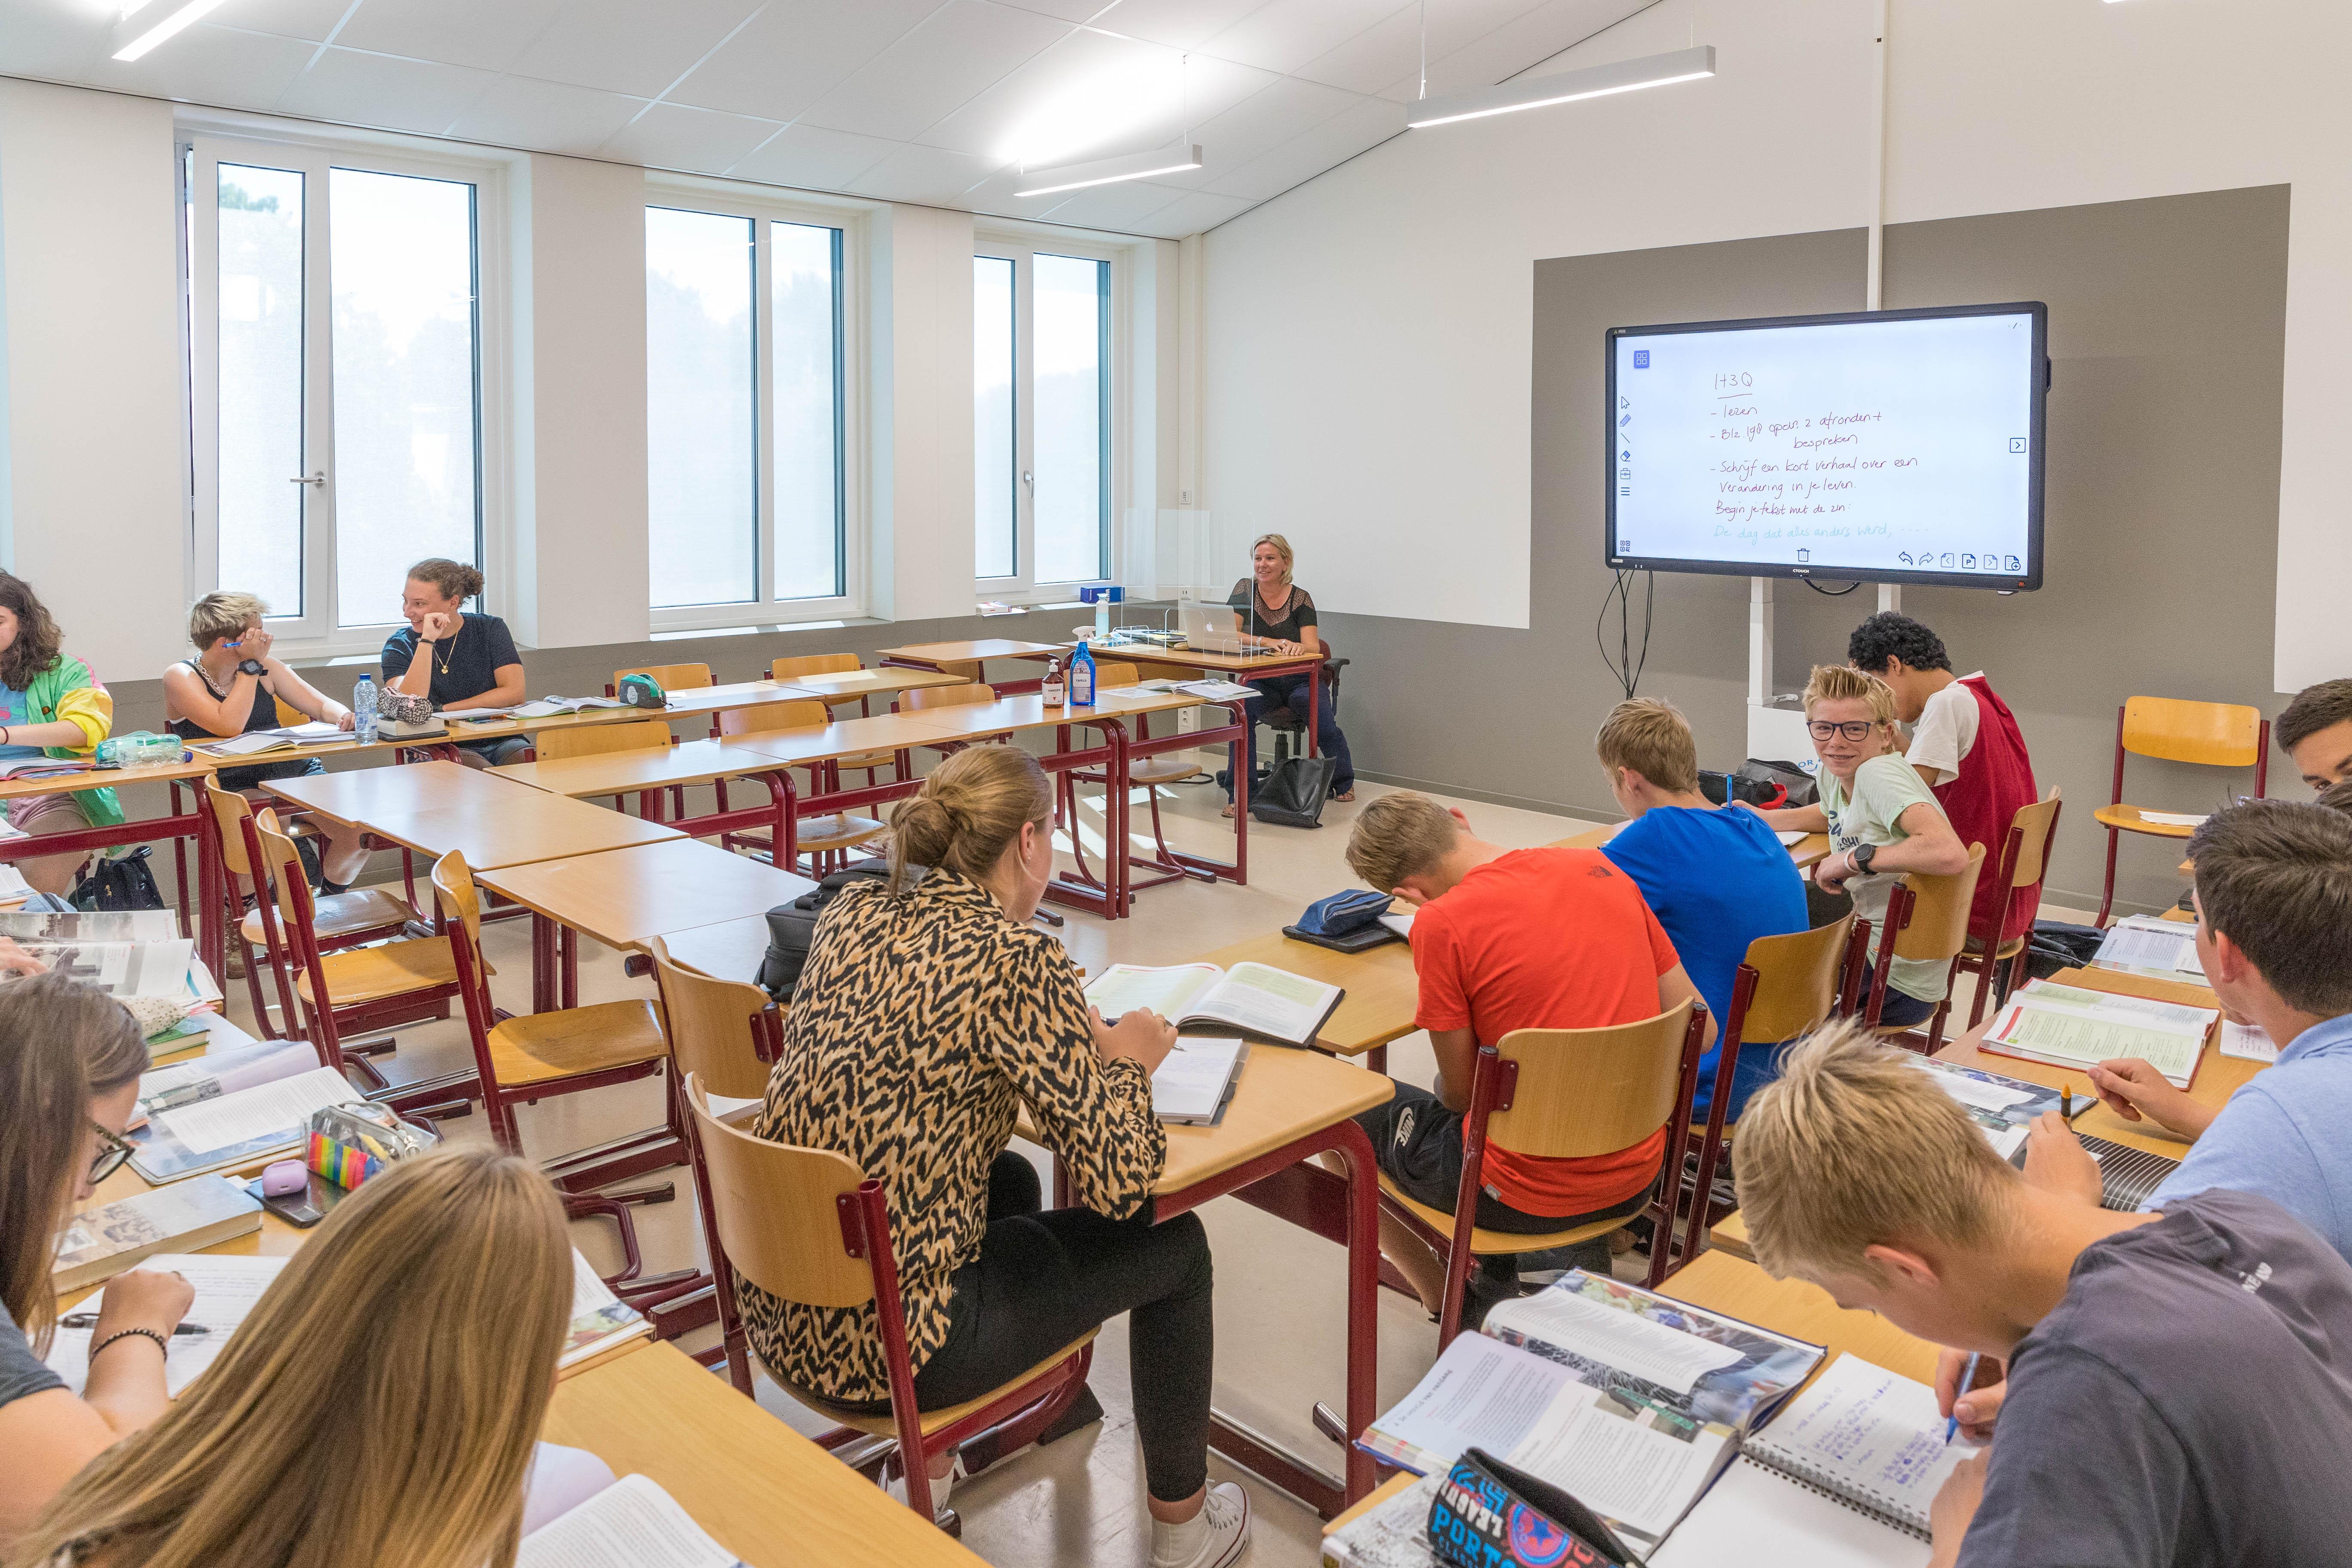 Alle ramen en deuren open: hoe staat het met de ventilatie op scholen? 'Er moet worden onderzocht hoe het precies zit'